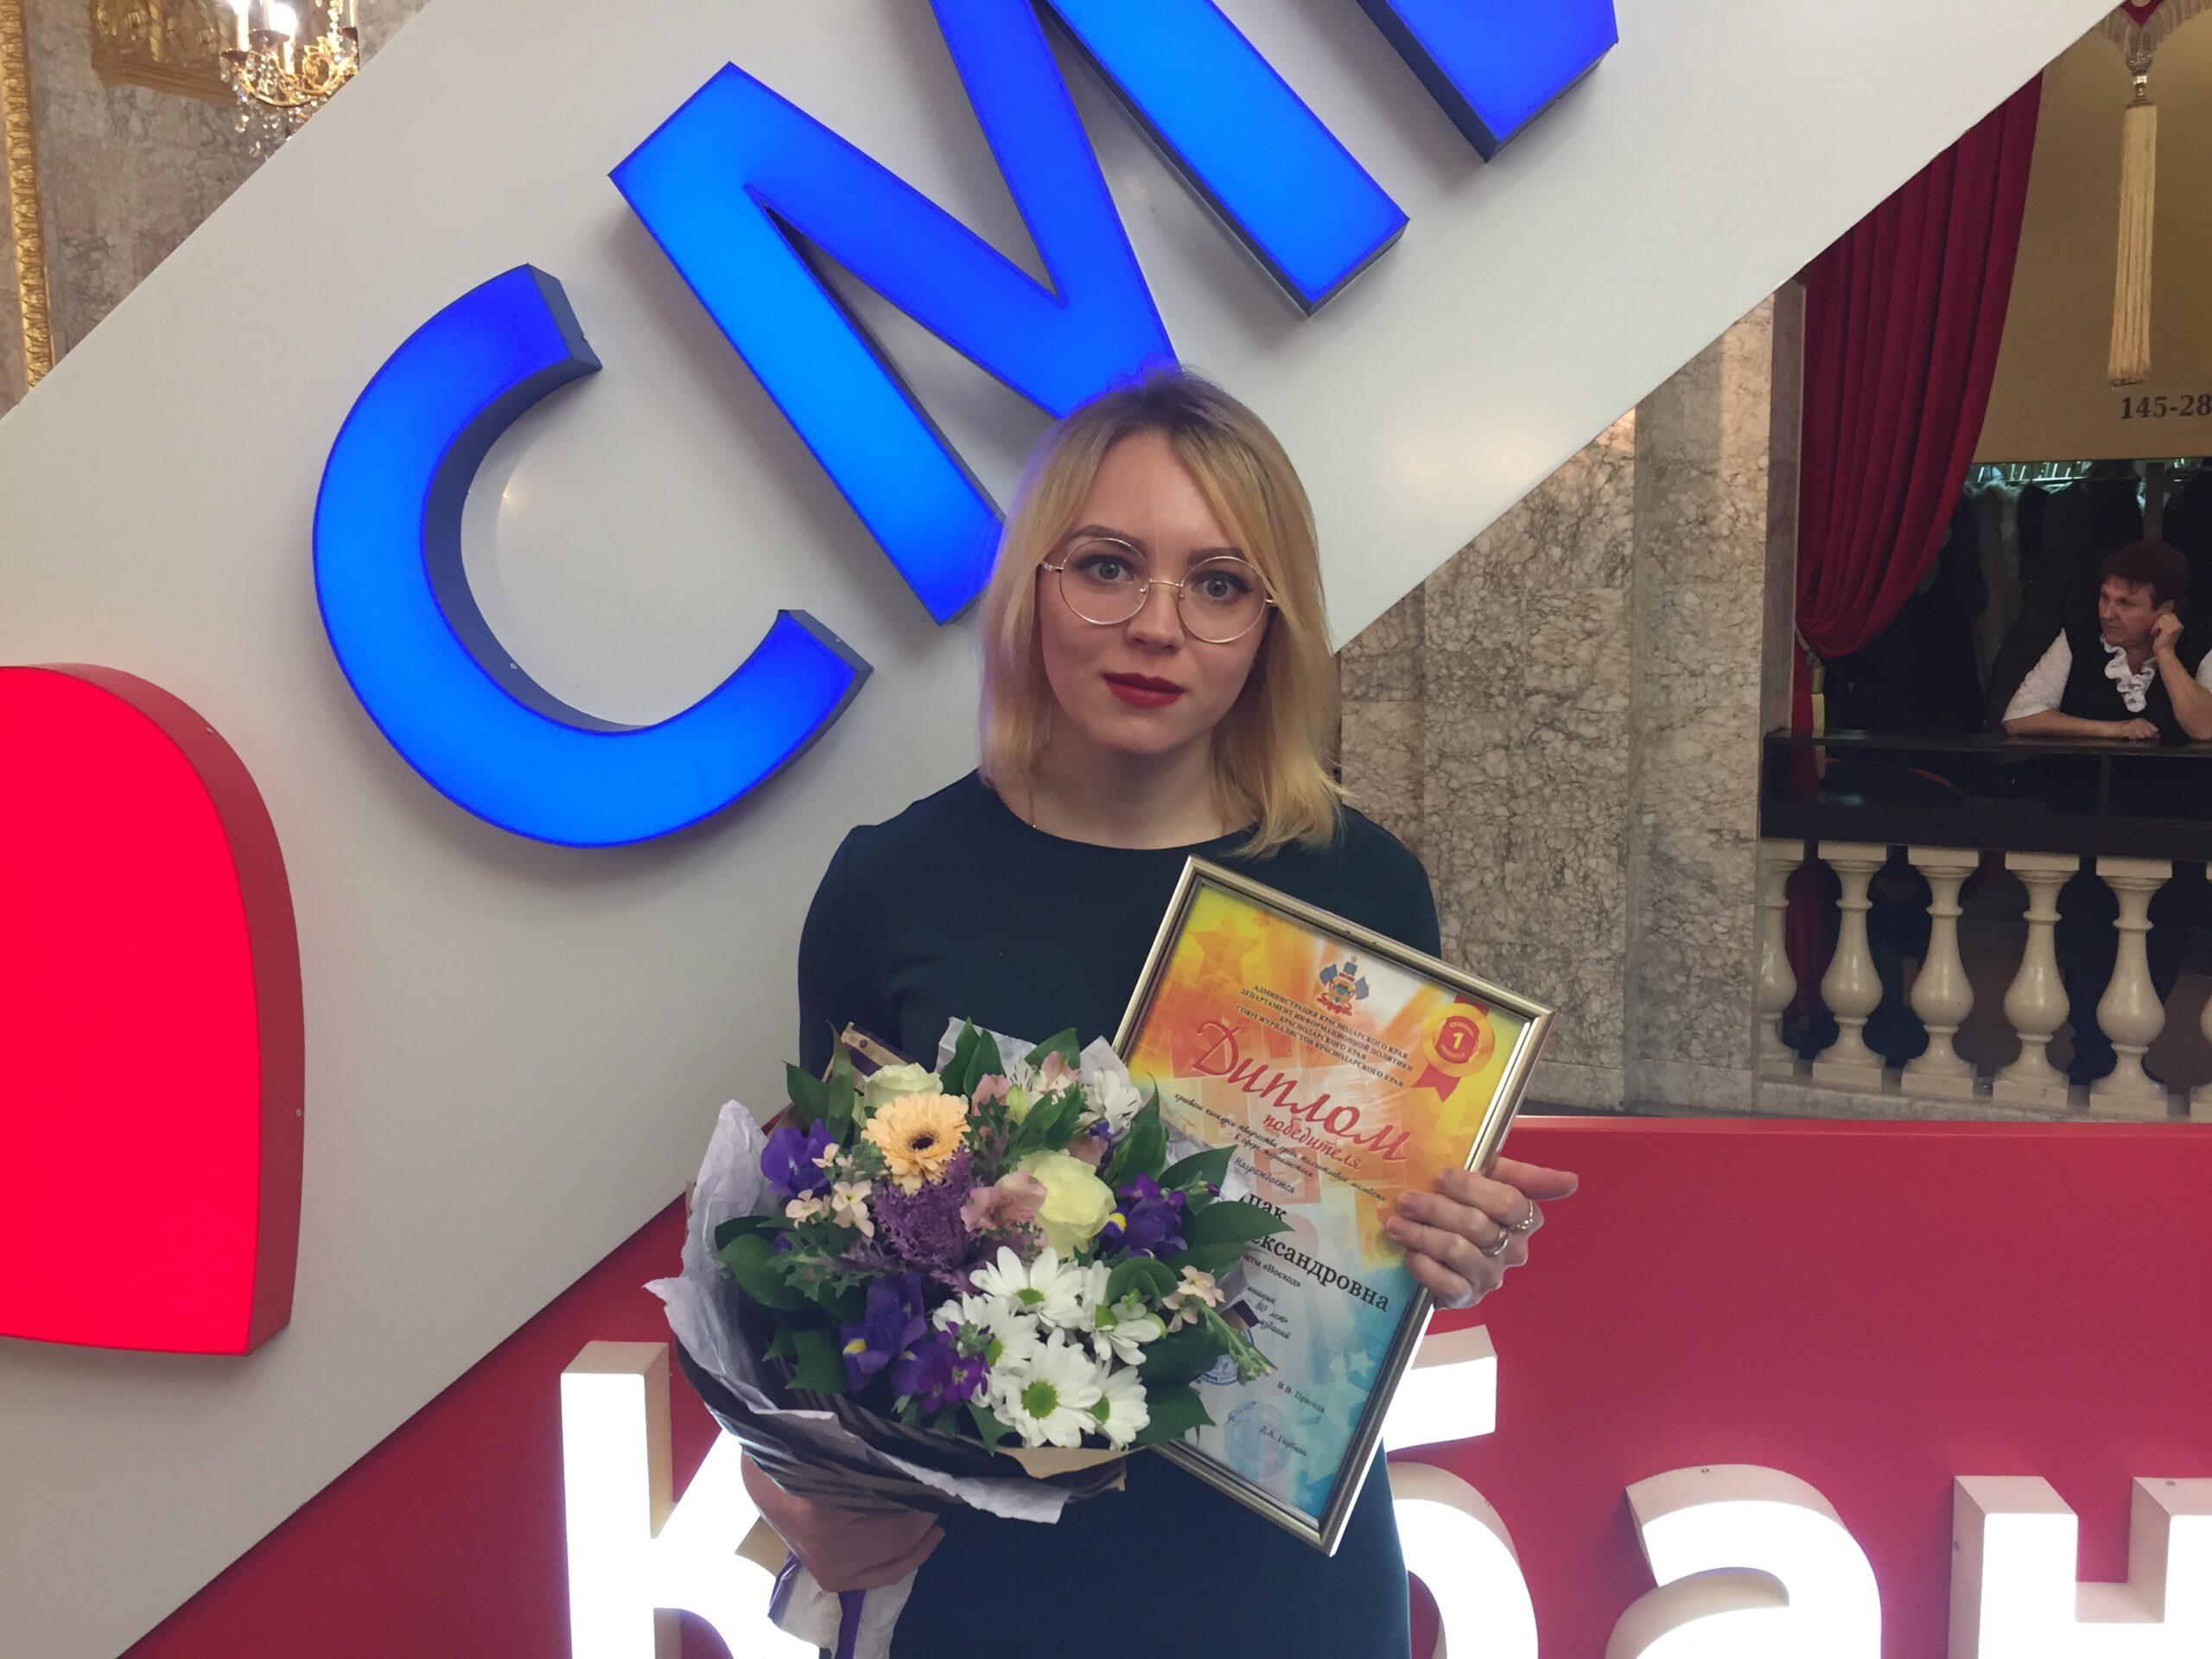 Студентке журфака из Абинского района вручена награда на приеме губернатора в честь Дня российской прессы